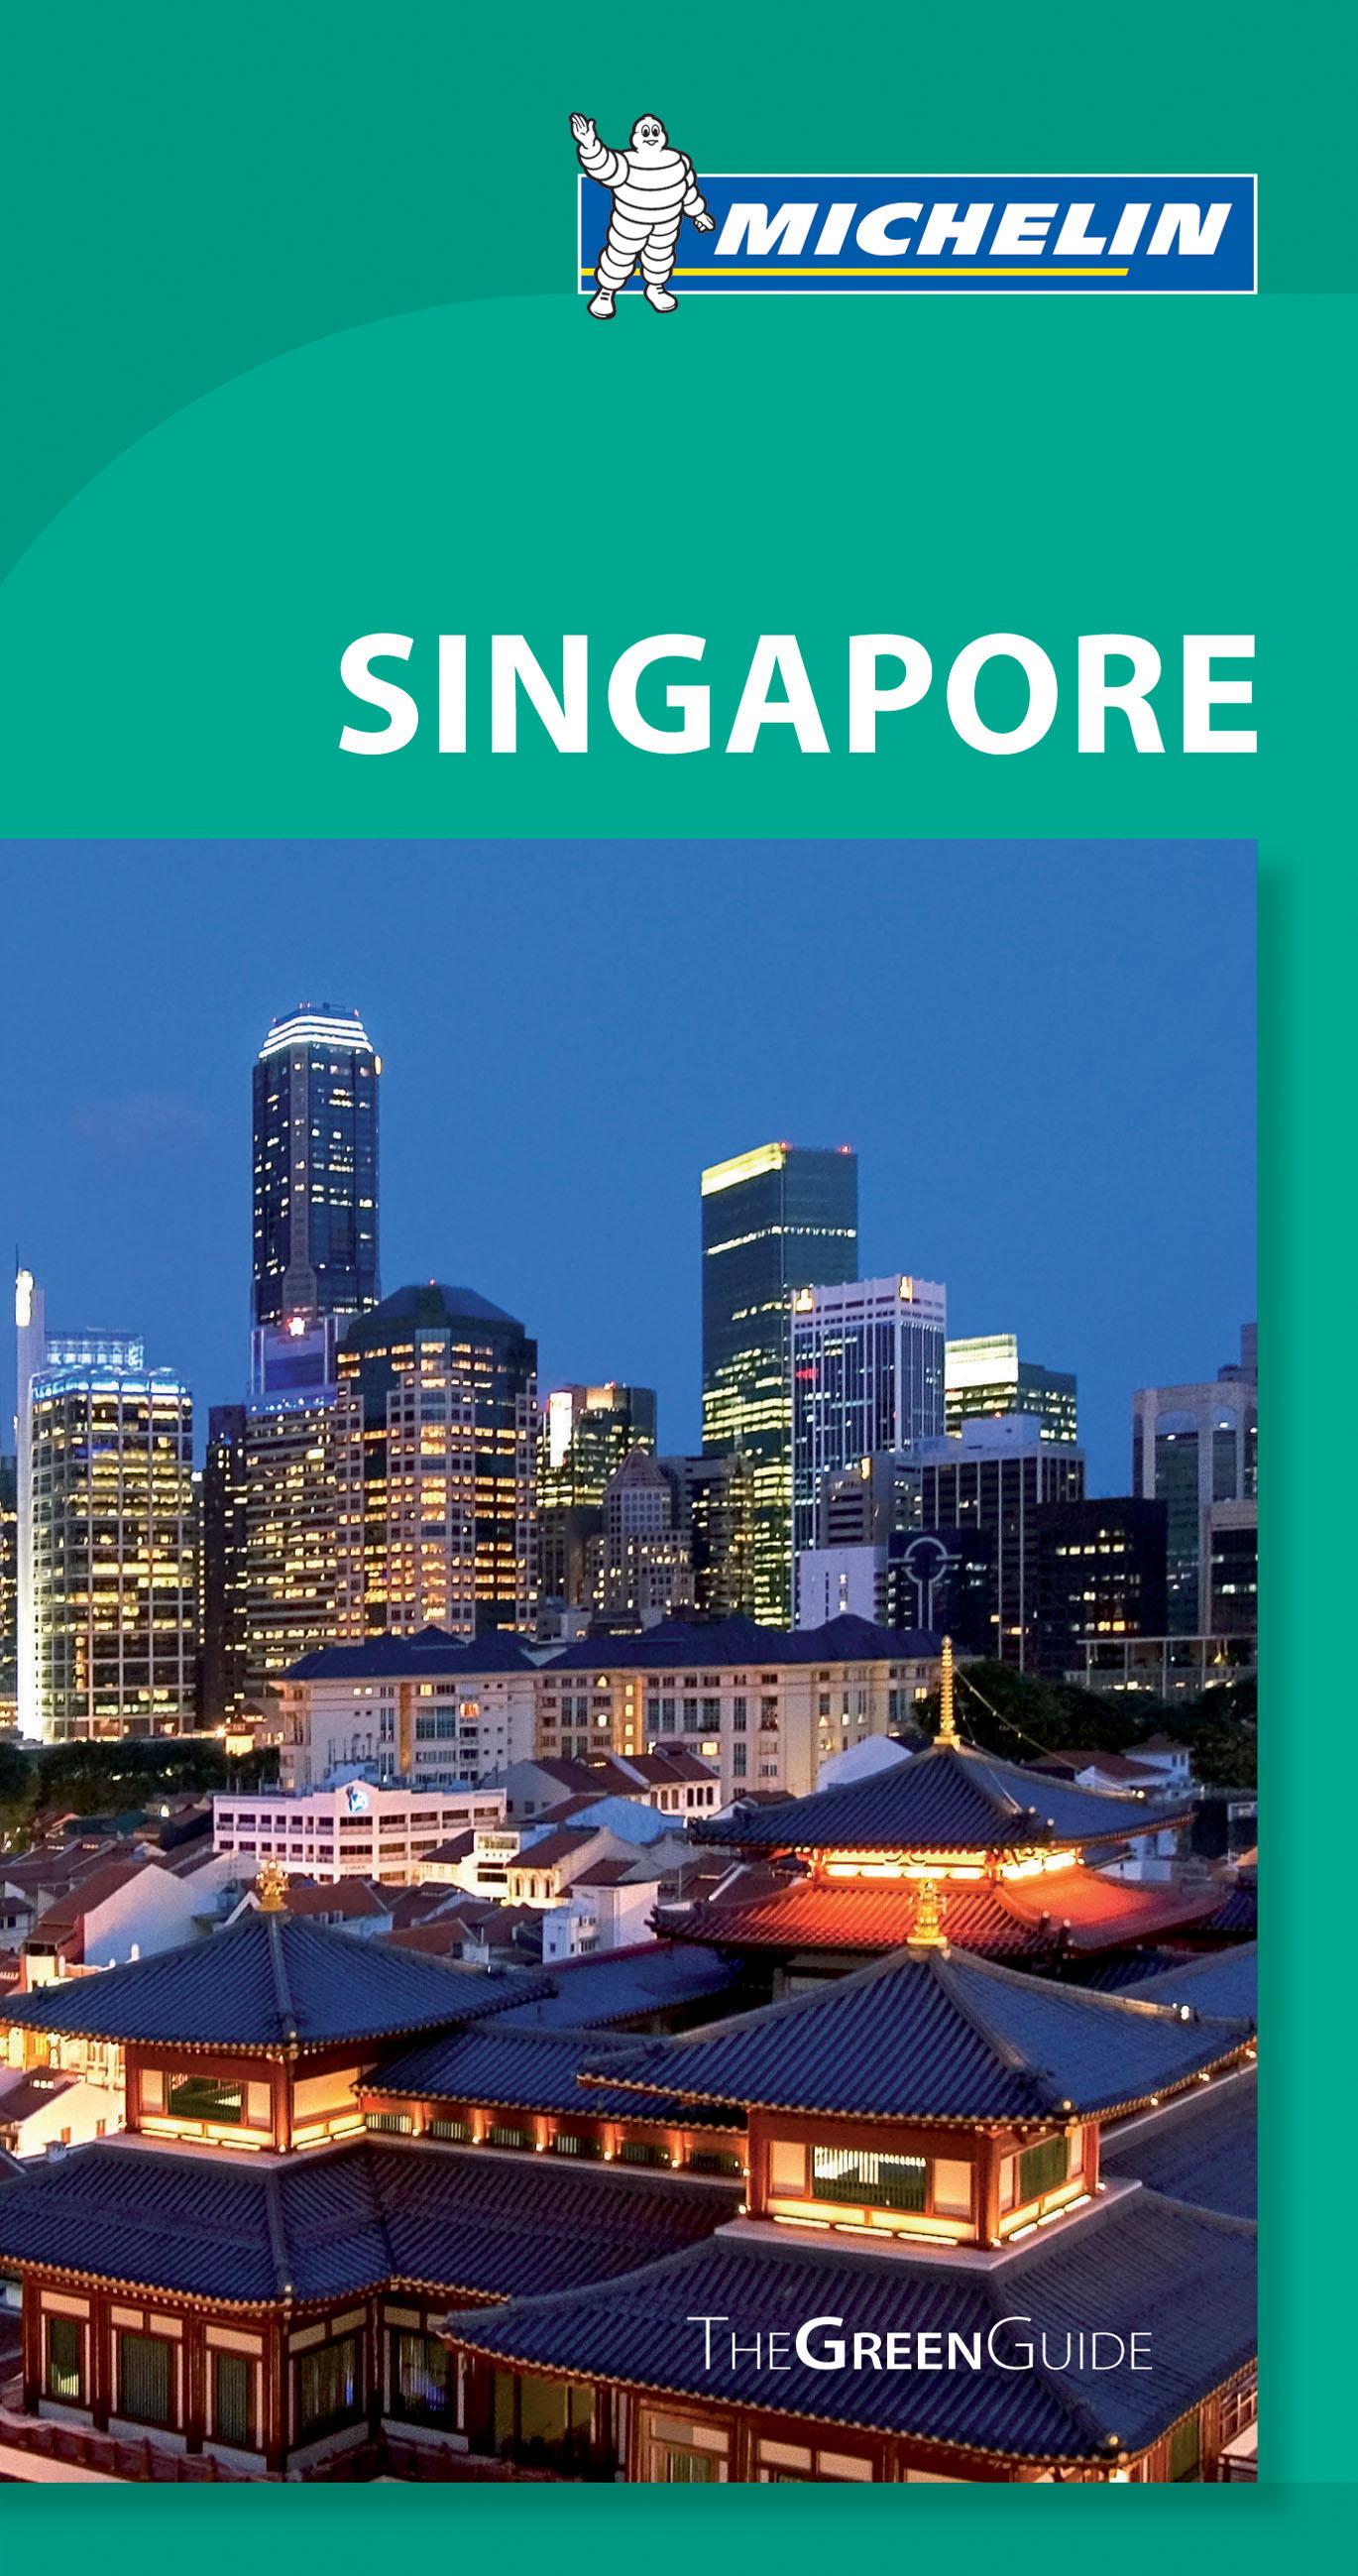 Singapore GVE